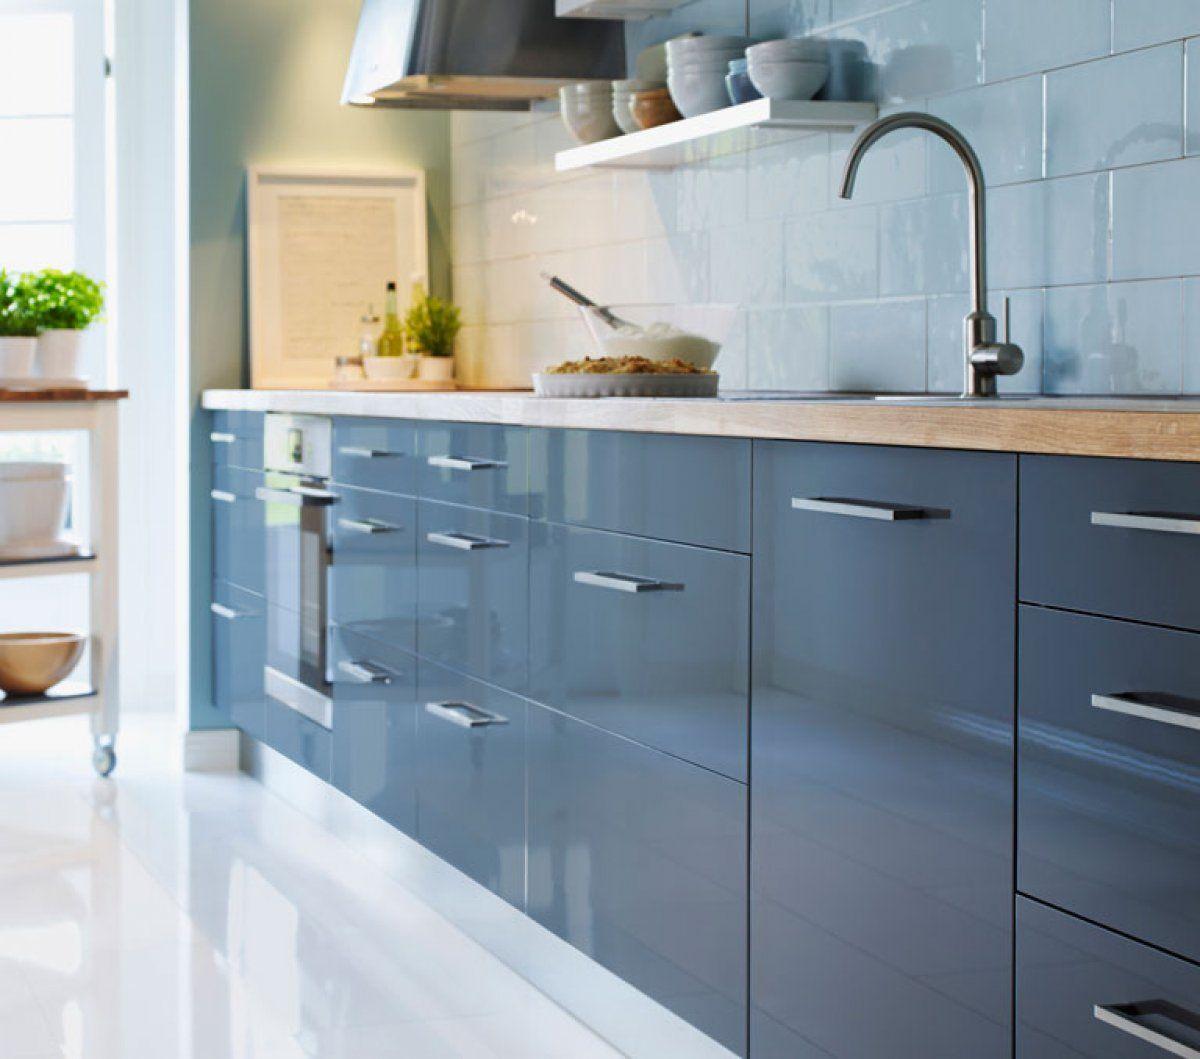 Kuche Abstrakt Von Ikea Mit Neuer Front Kuche Kuche Blau